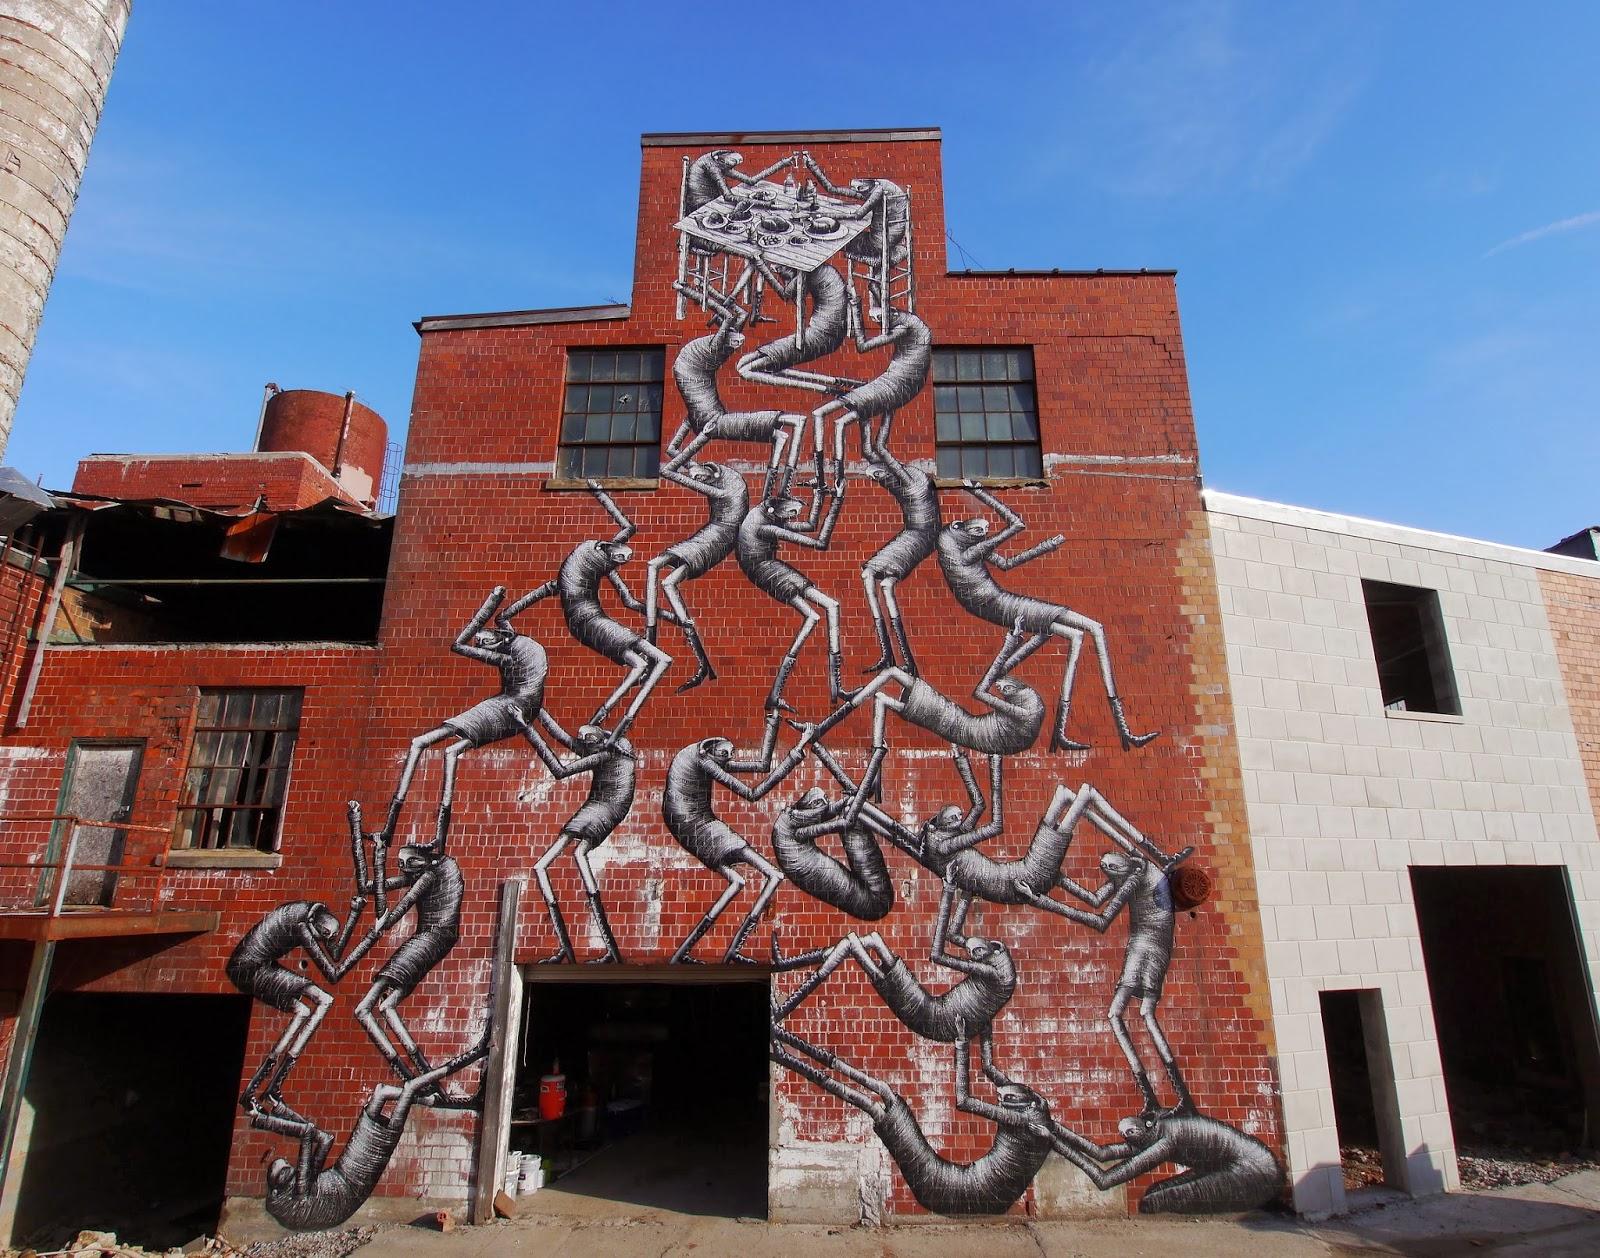 phlegm-new-mural-prhbtn-festival-01